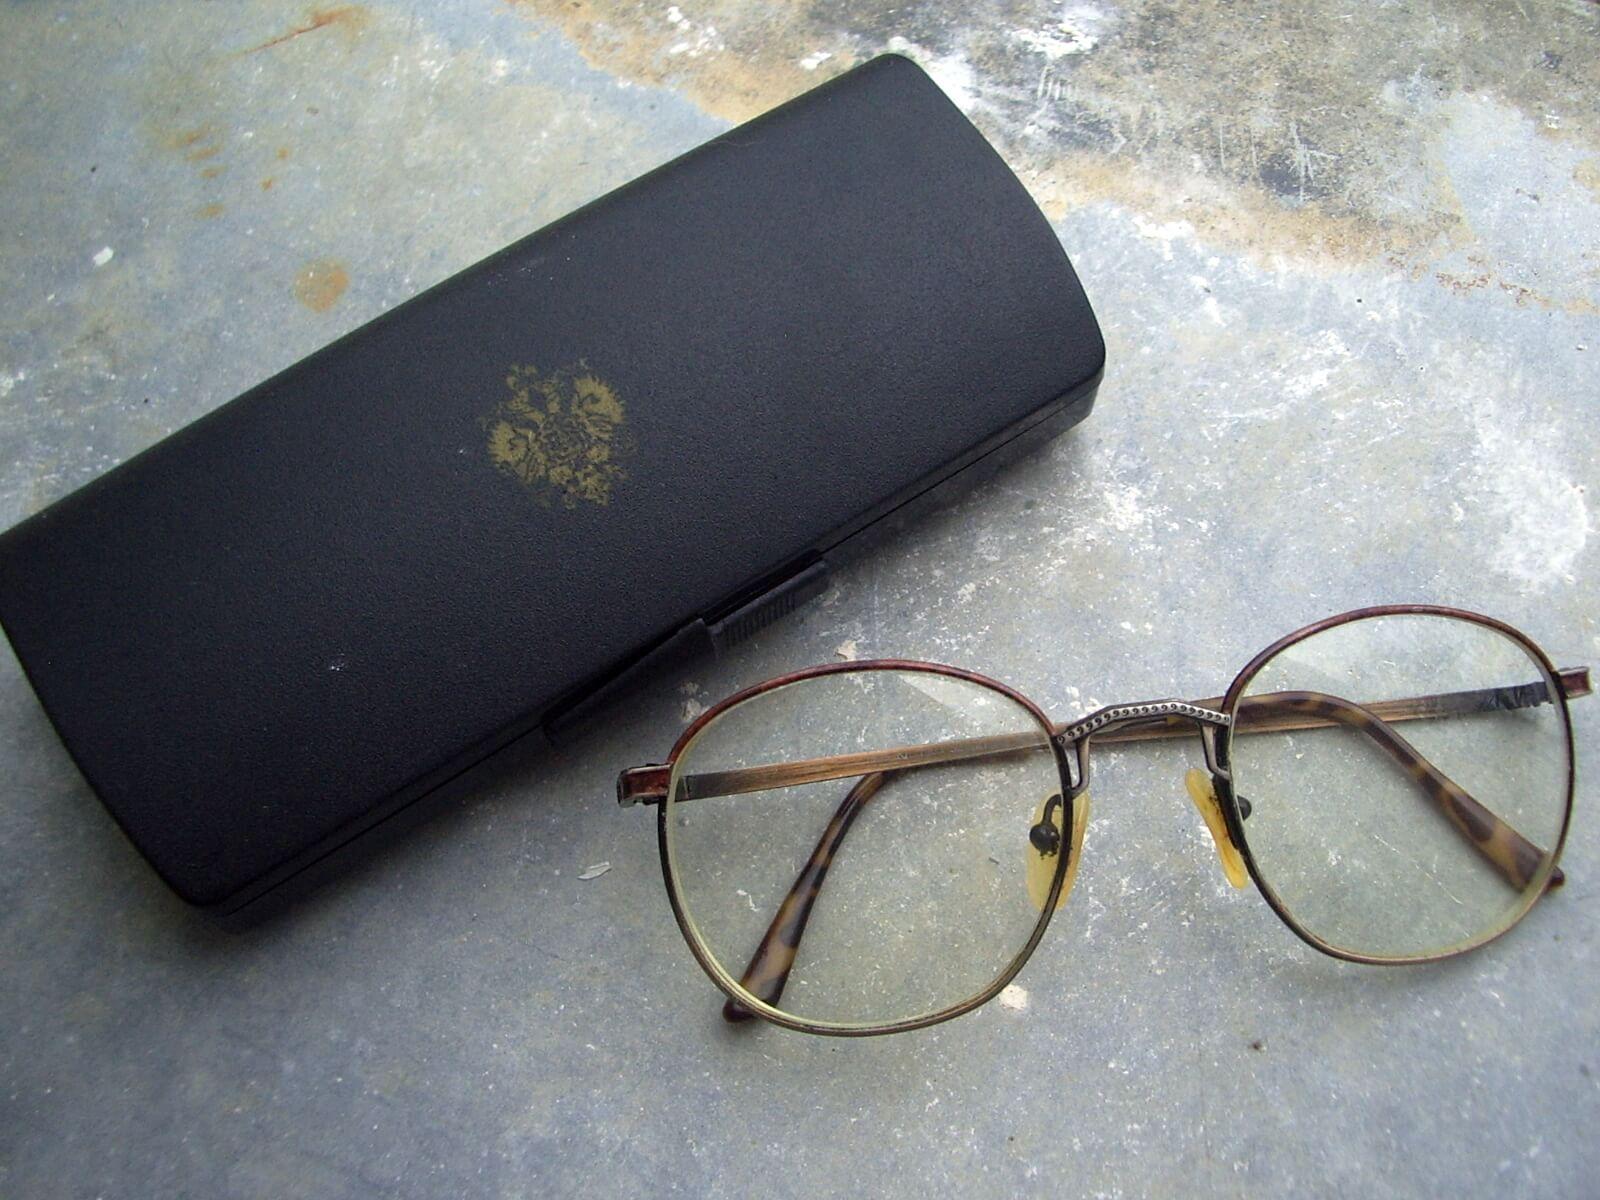 Faberge Eyeglasses_C_Pumpjack Piddlewick